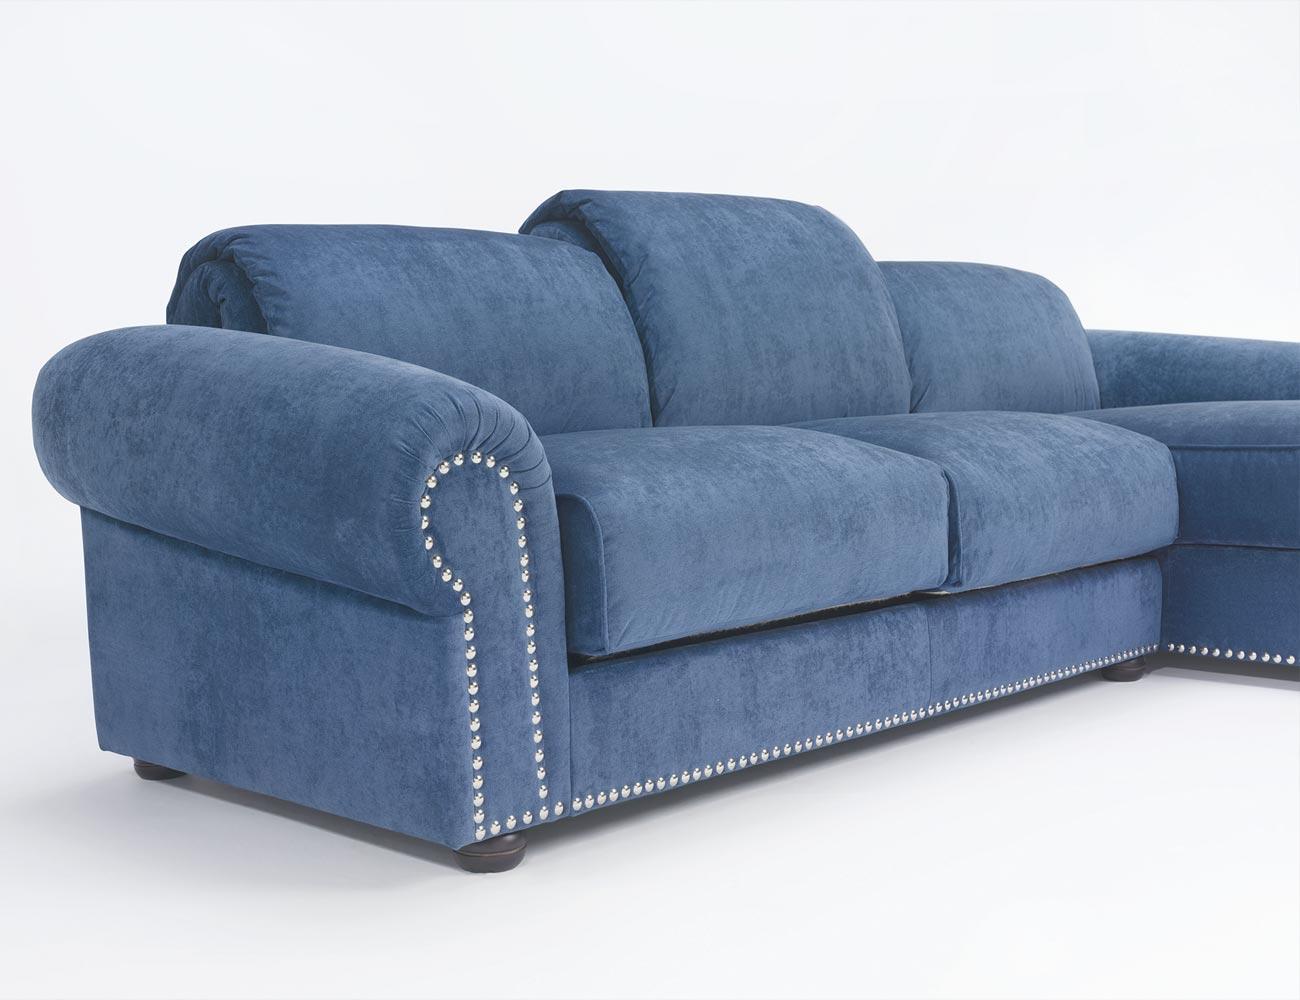 Sofa chaiselongue gran lujo decorativo azul 12